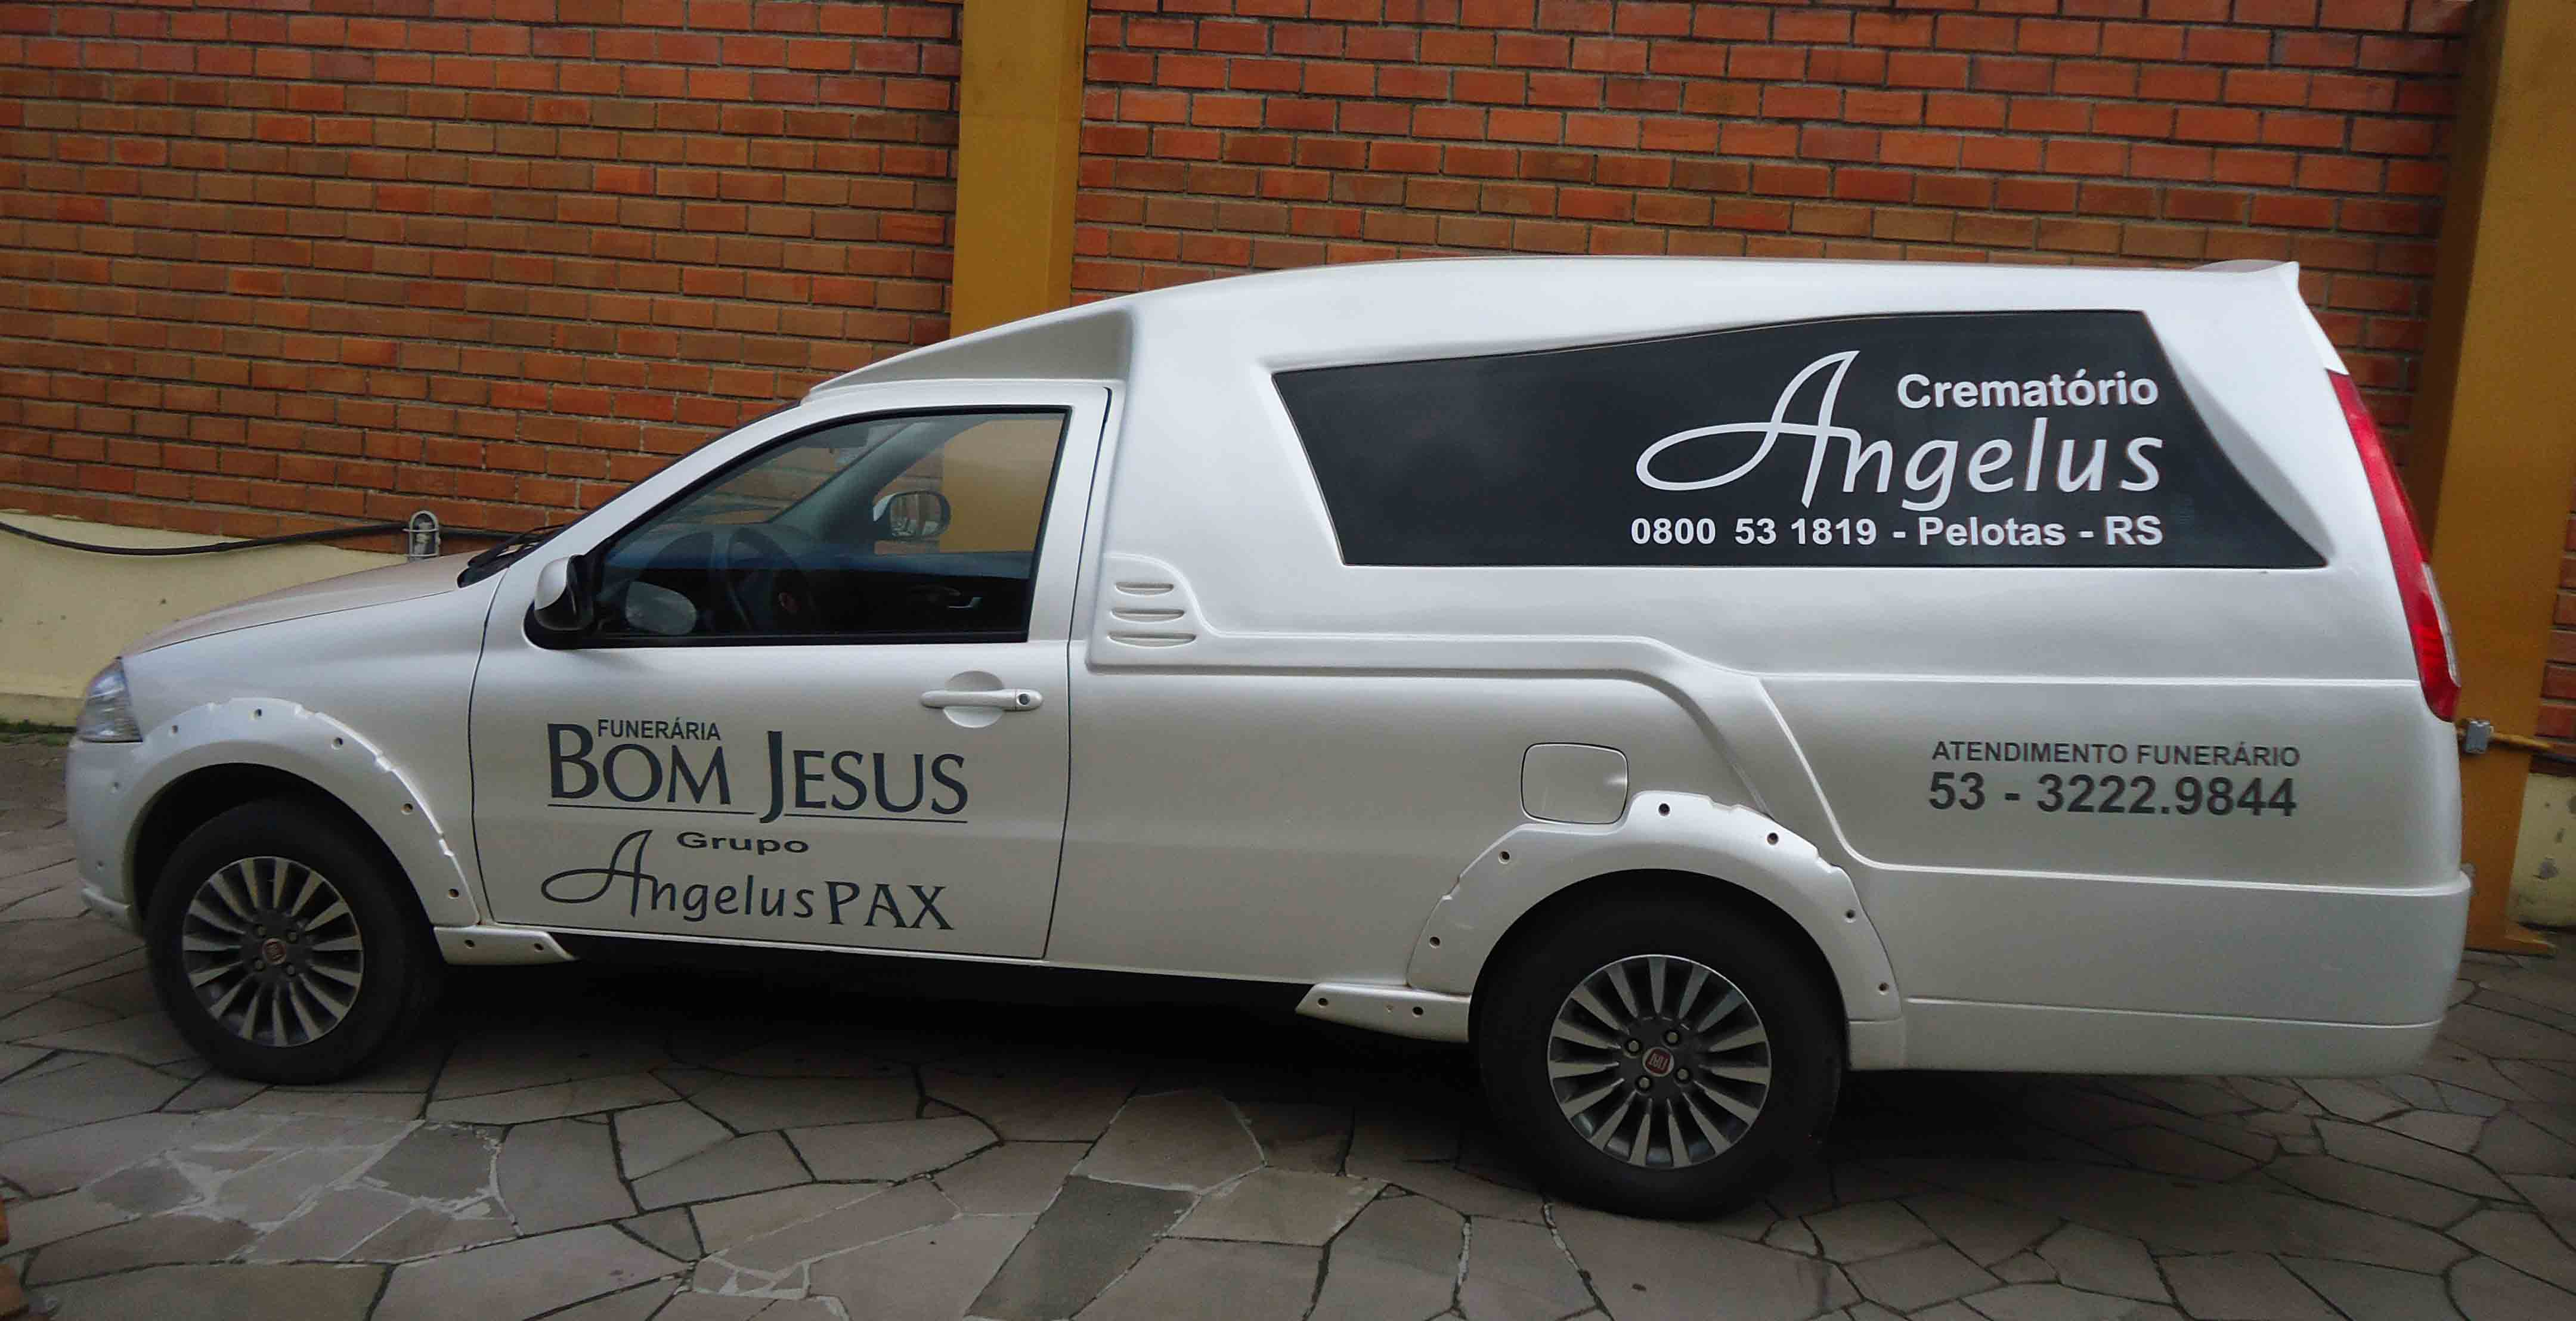 Crematório Angelus CAMIONETE BRANCA 03